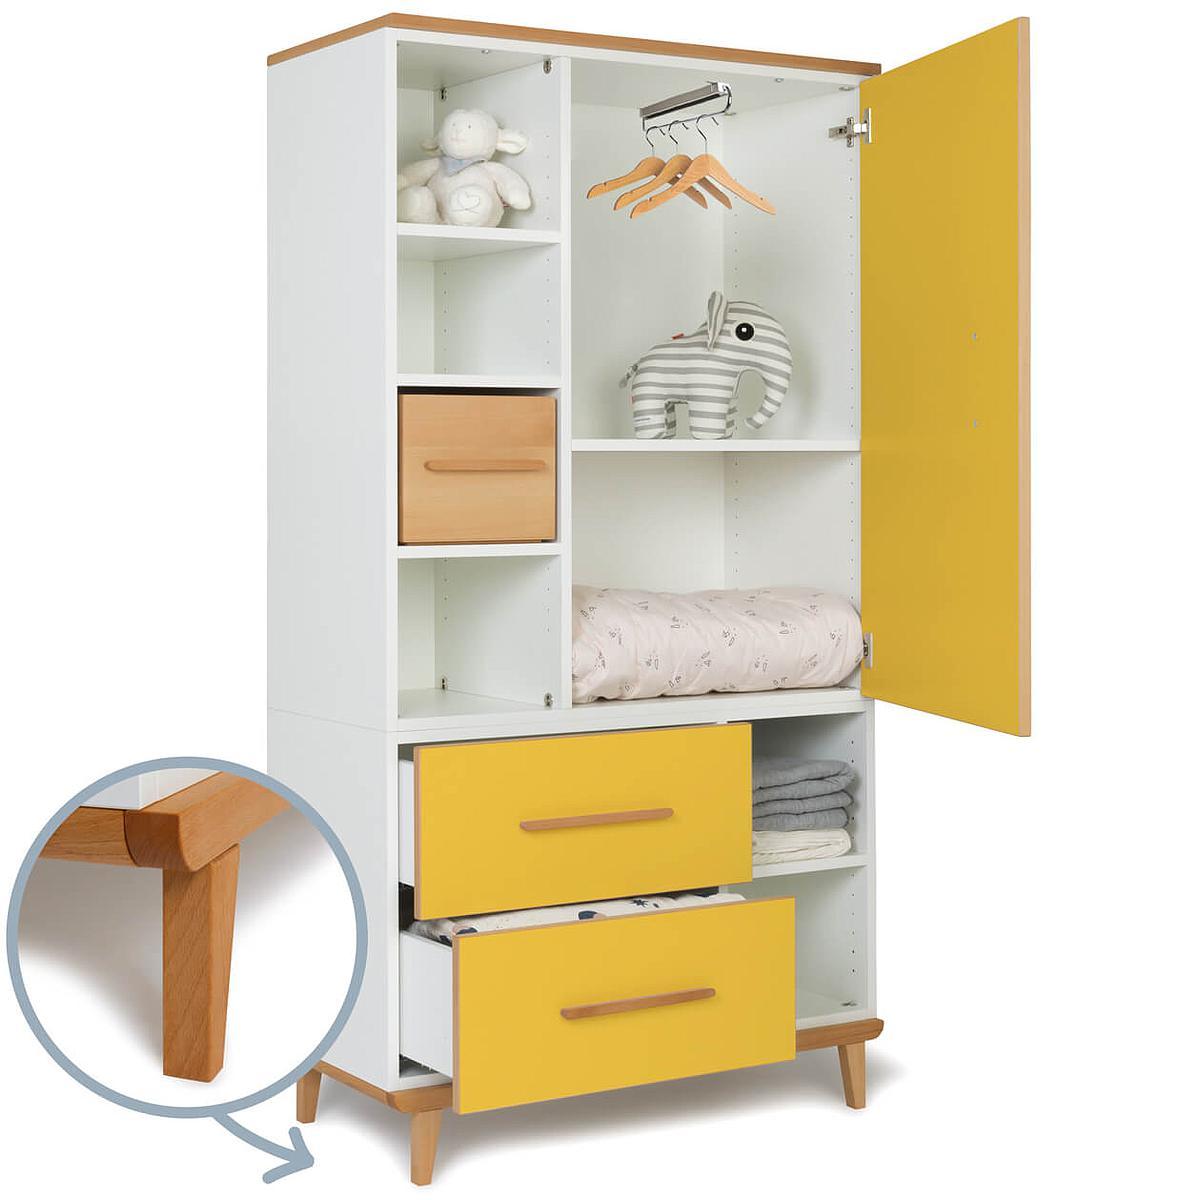 Kleiderschrank 173cm 1-türig 2 Schubladen NADO sunshine yellow